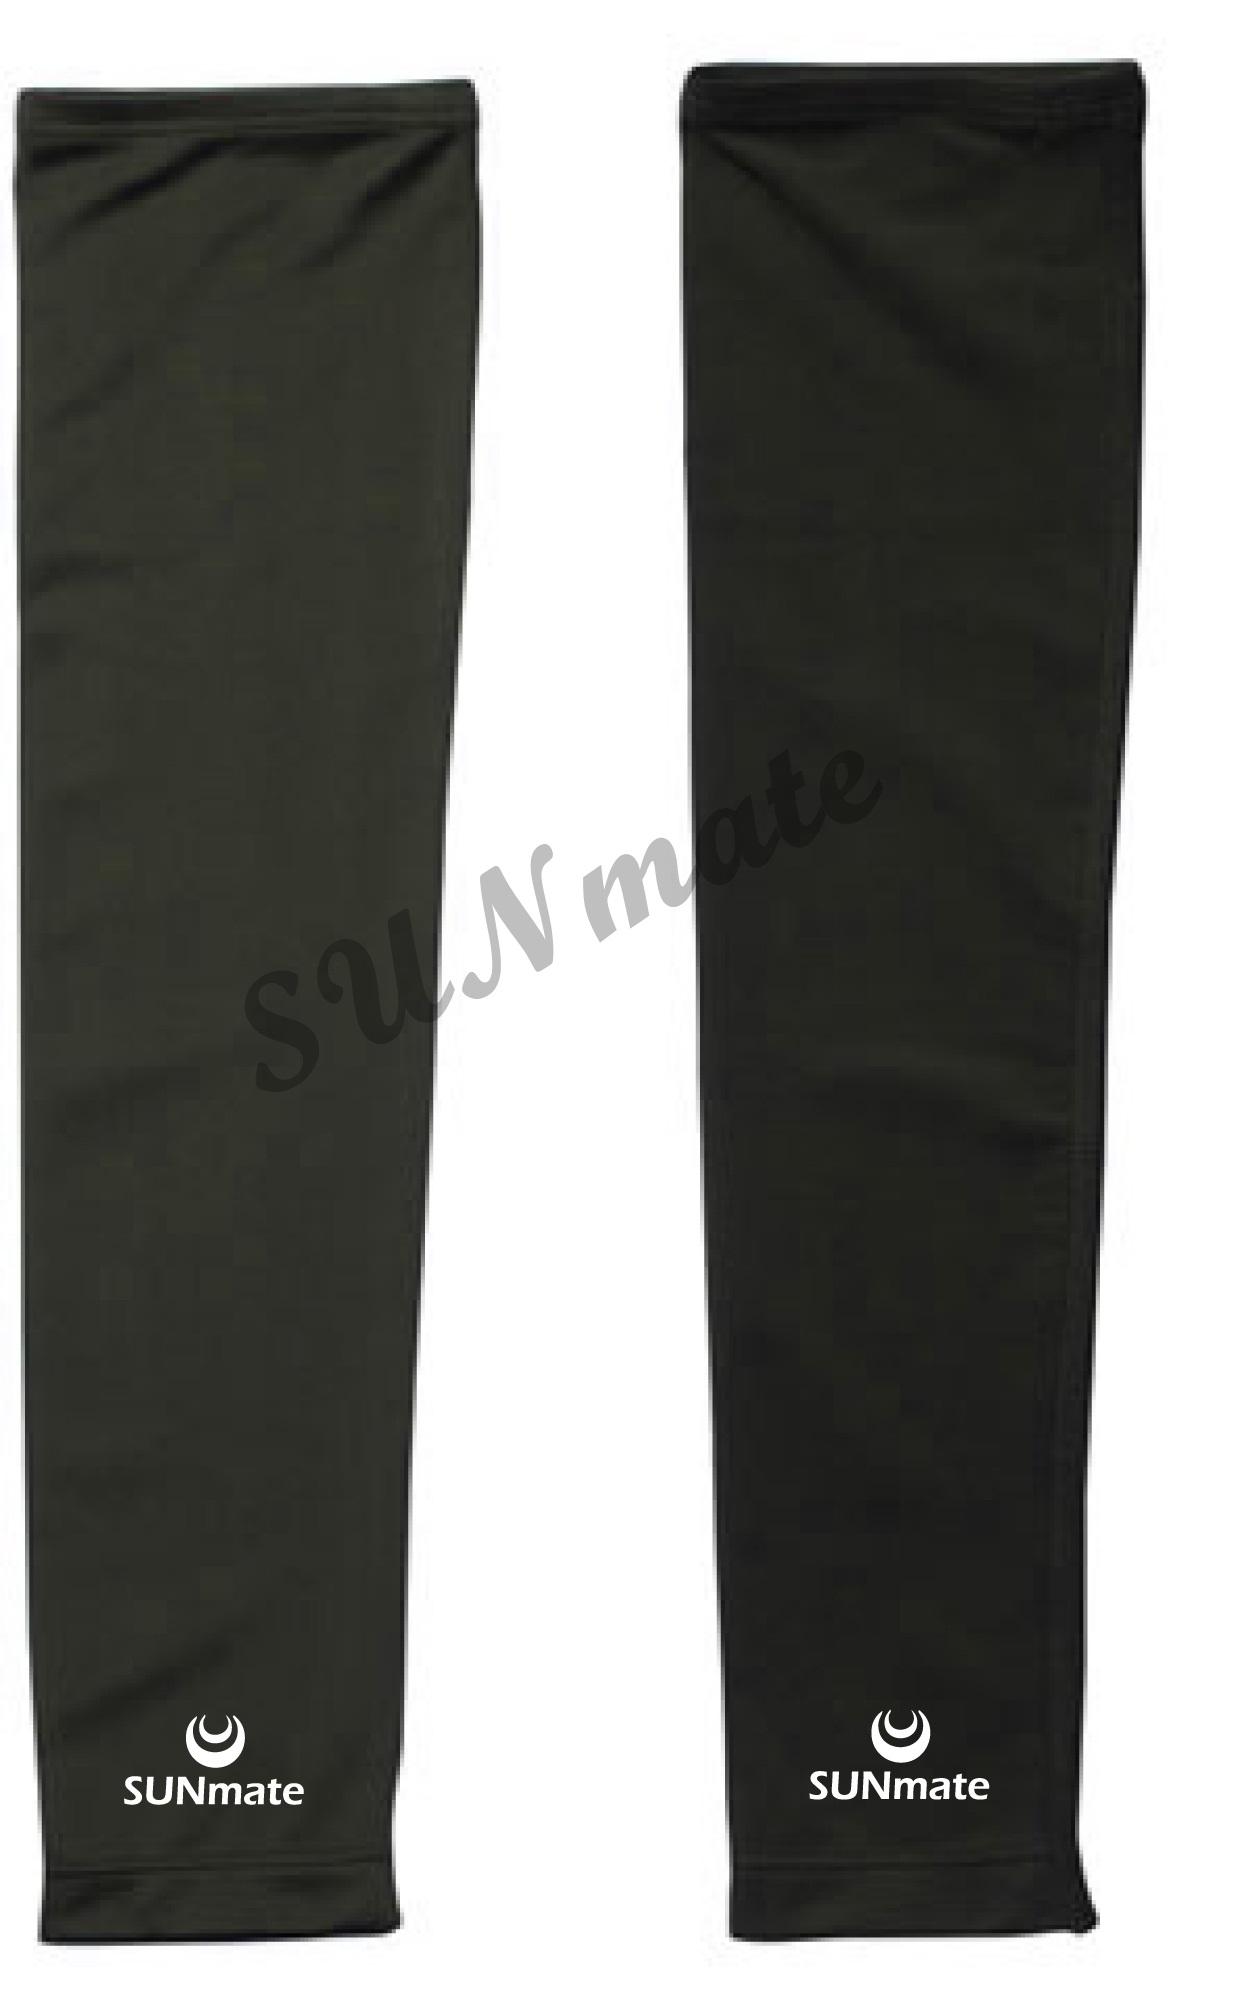 ปลอกแขนกันUV size XXL : Dark grey